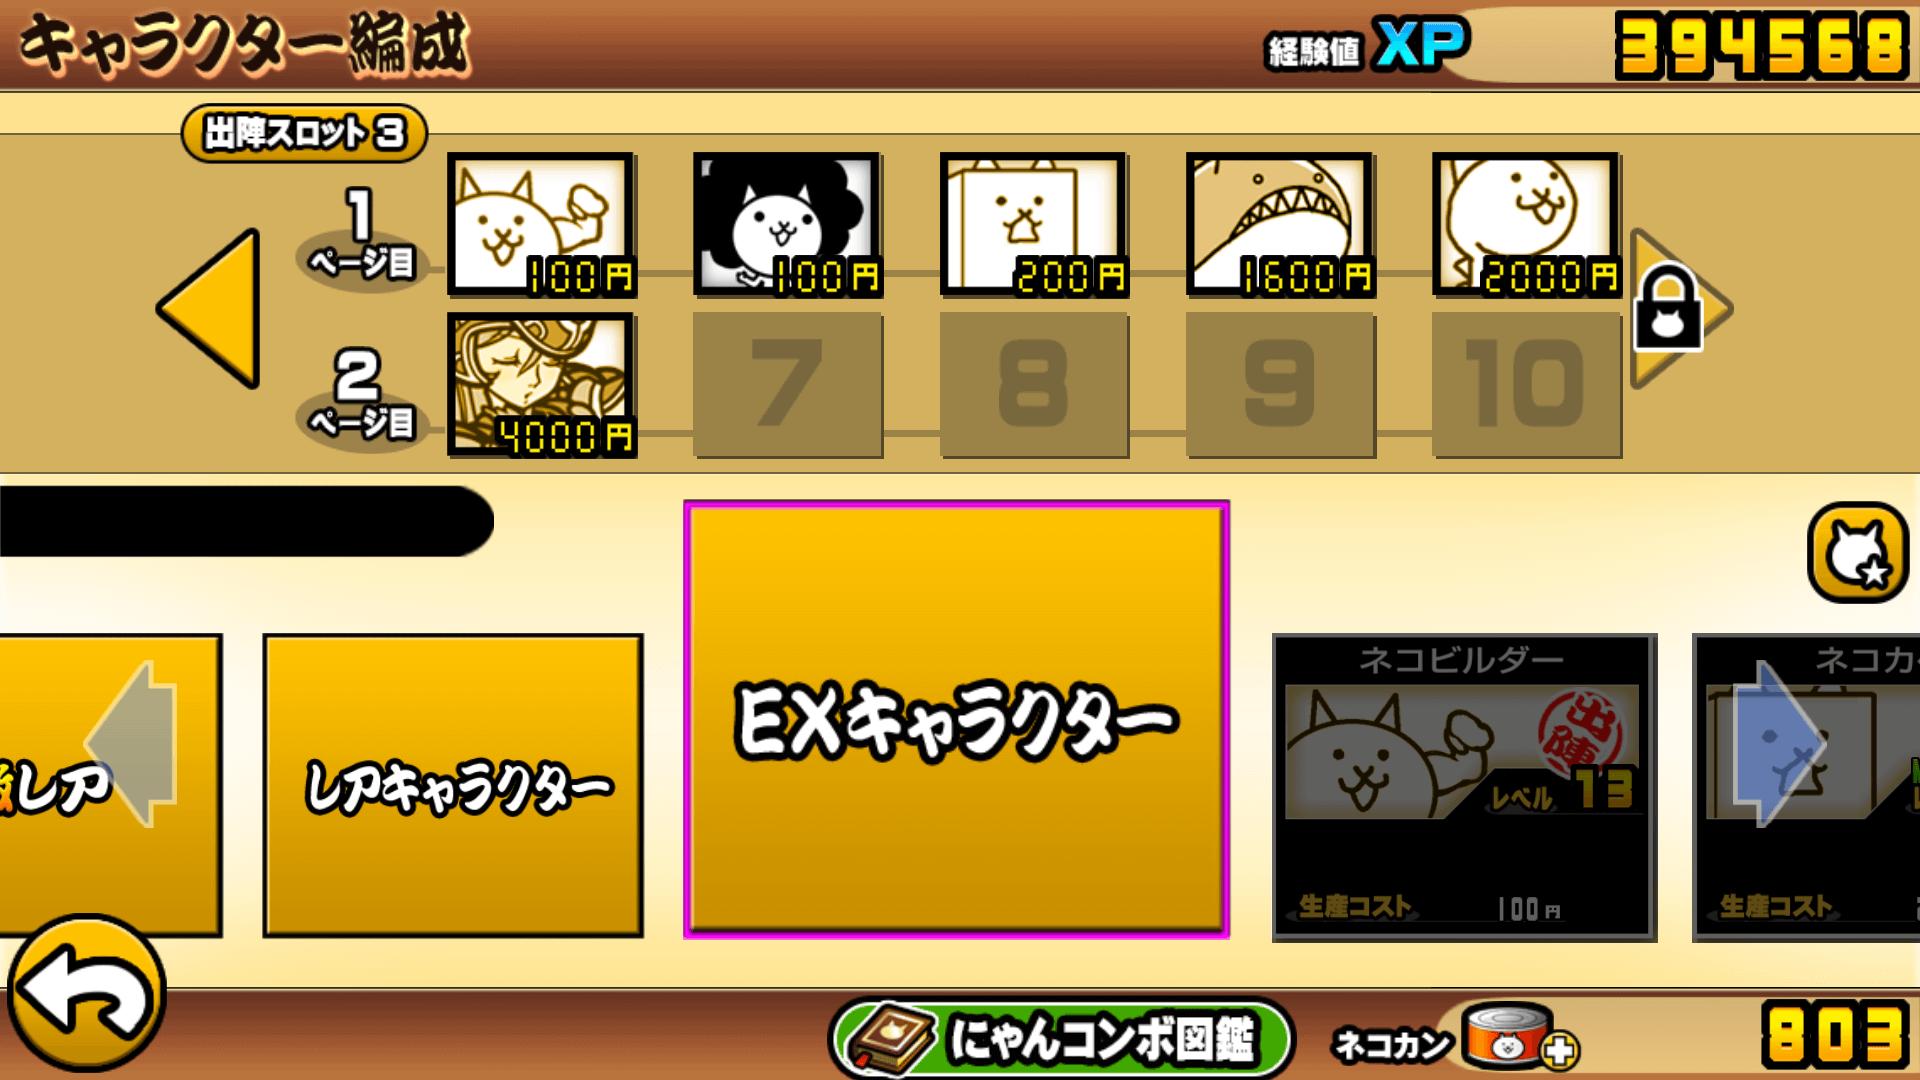 日本編3章沖縄県で使用したネコ